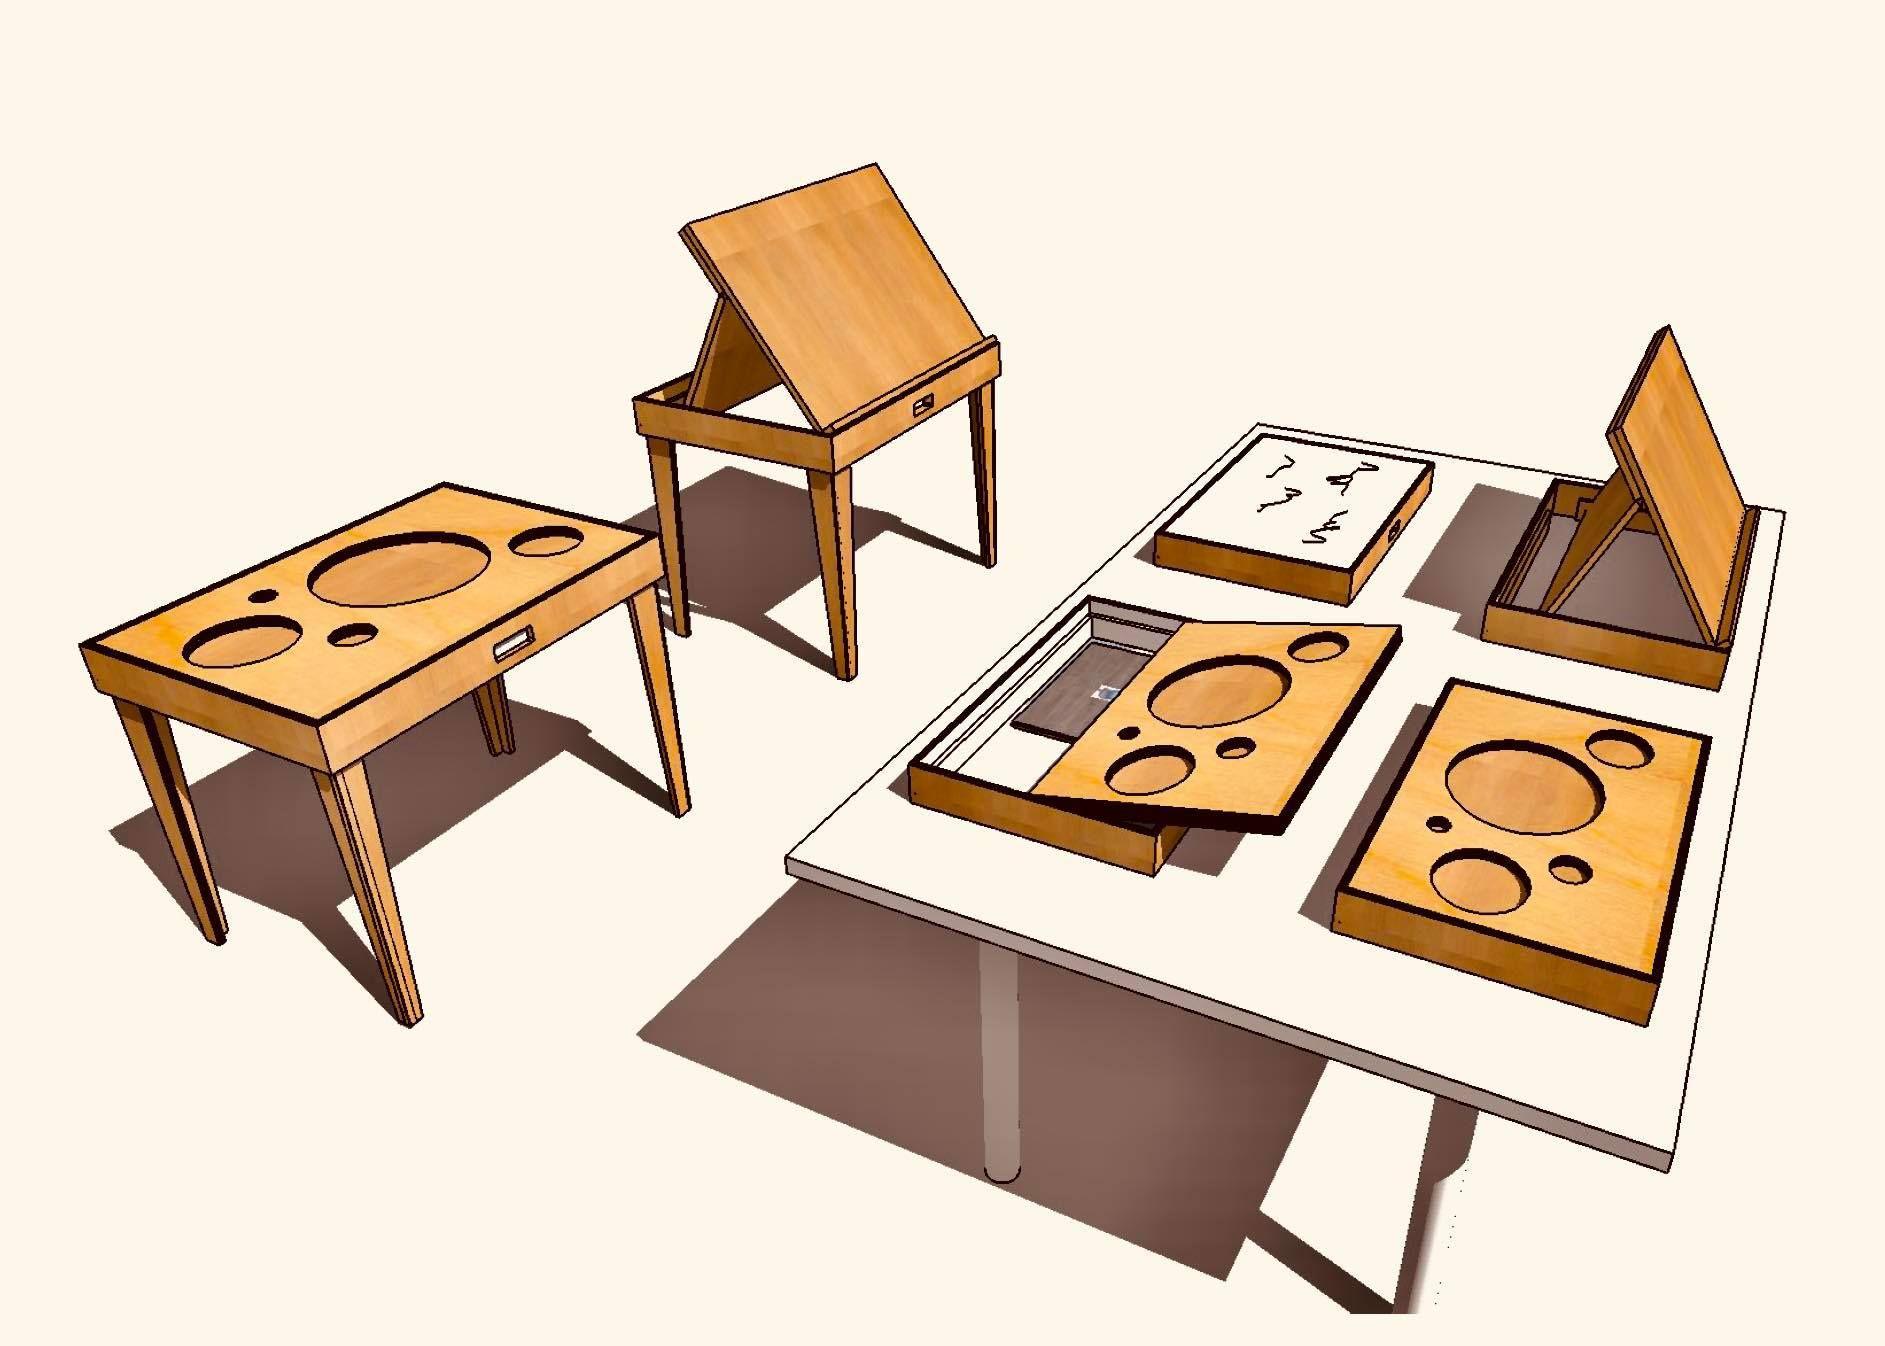 【年度テーマ】obon table / Table for the Blind by the Blind